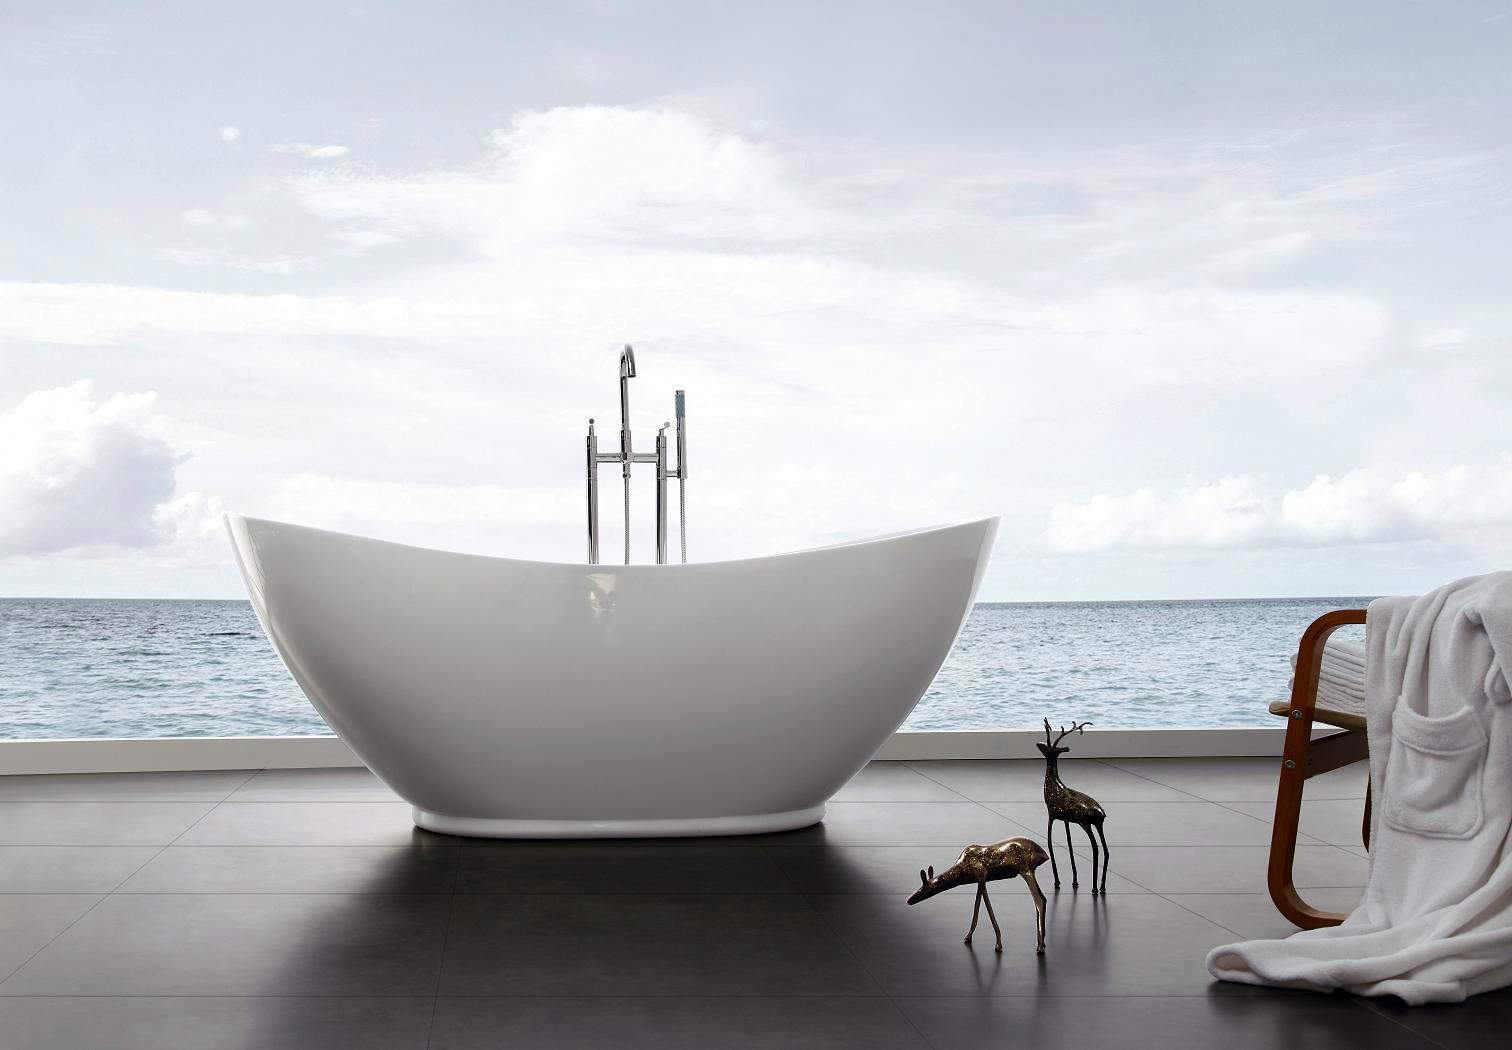 Freistehende Badewanne Inkl Armatur : Details zu Freistehende Badewanne VALENZIA 175x85 inkl. Armatur